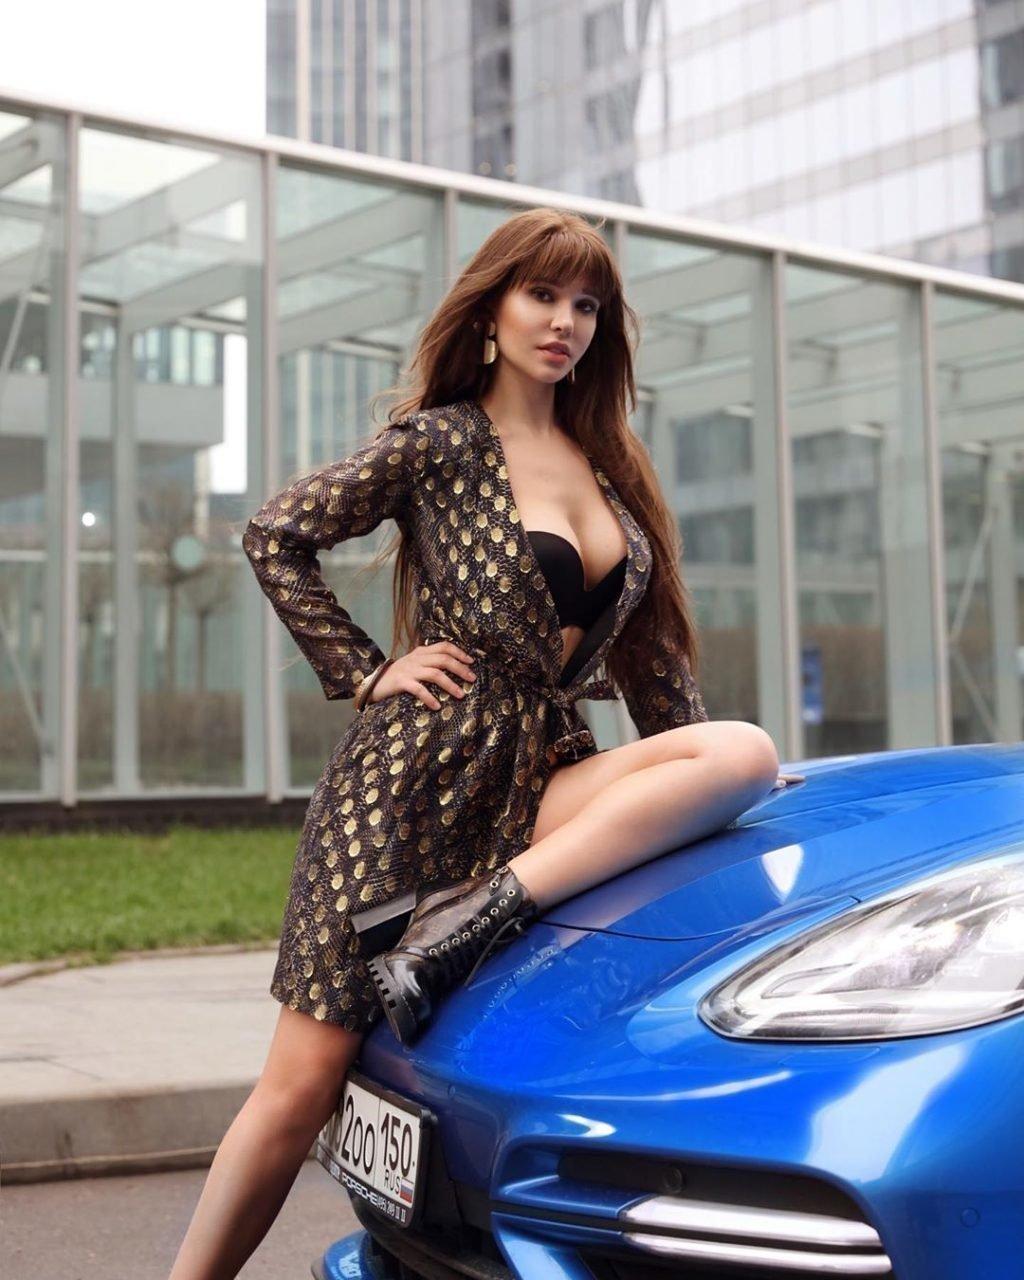 Мария Лиман фото с машиной